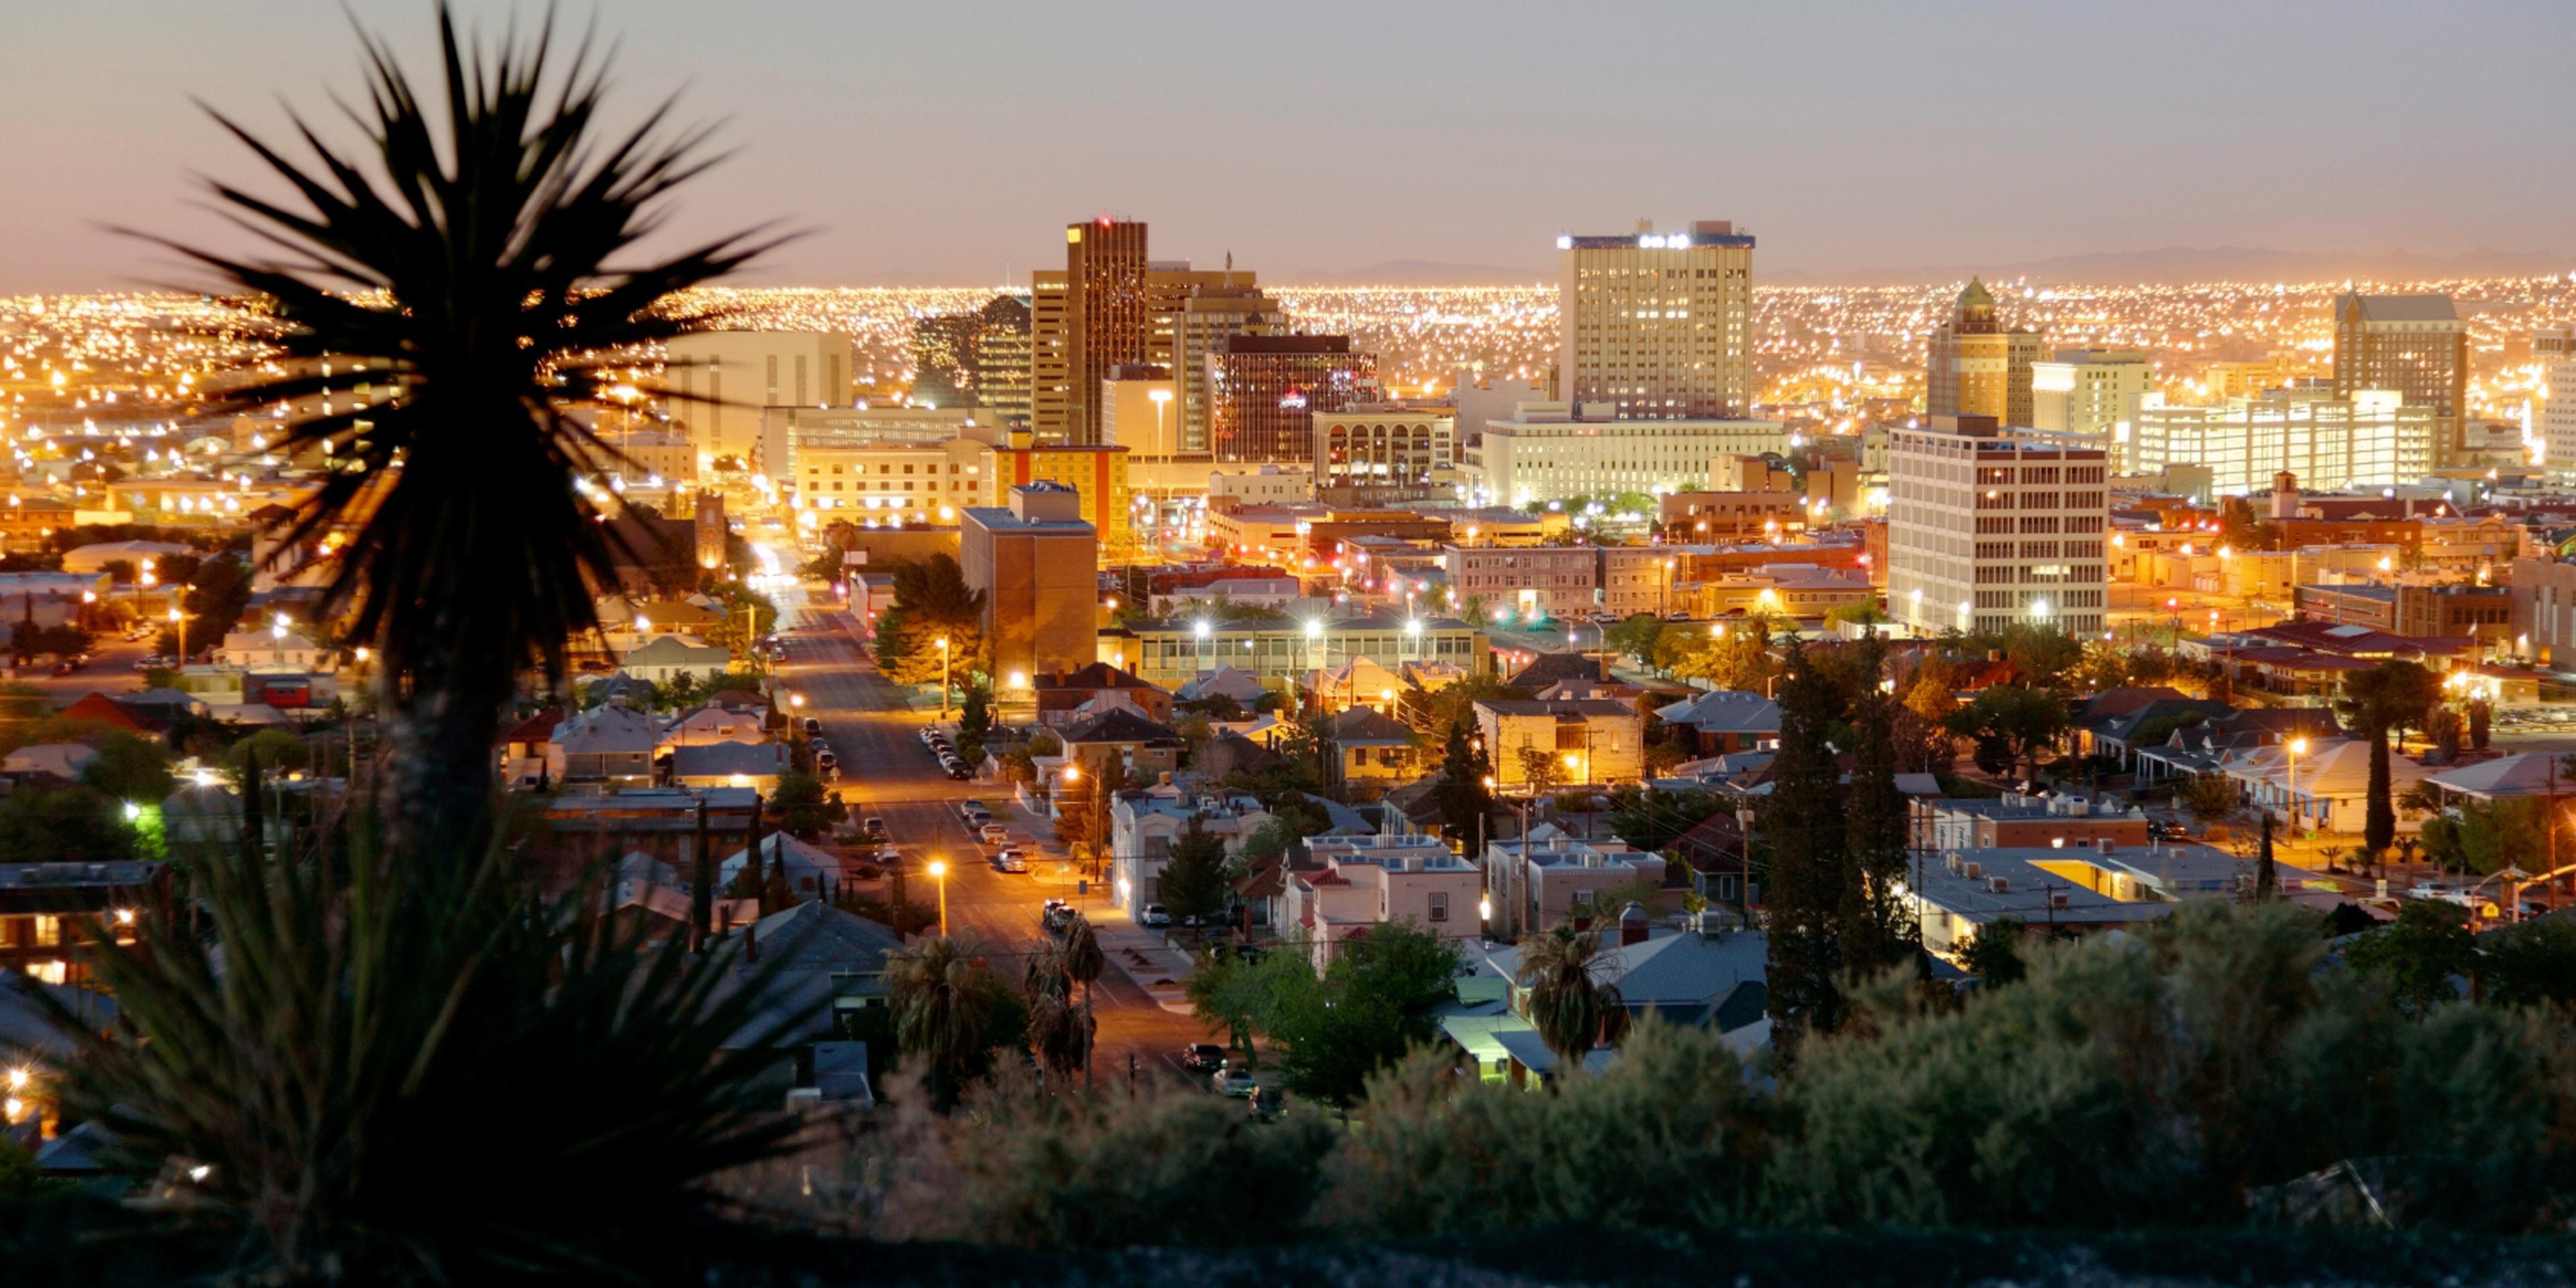 Hotel Indigo El Paso Downtown image 0